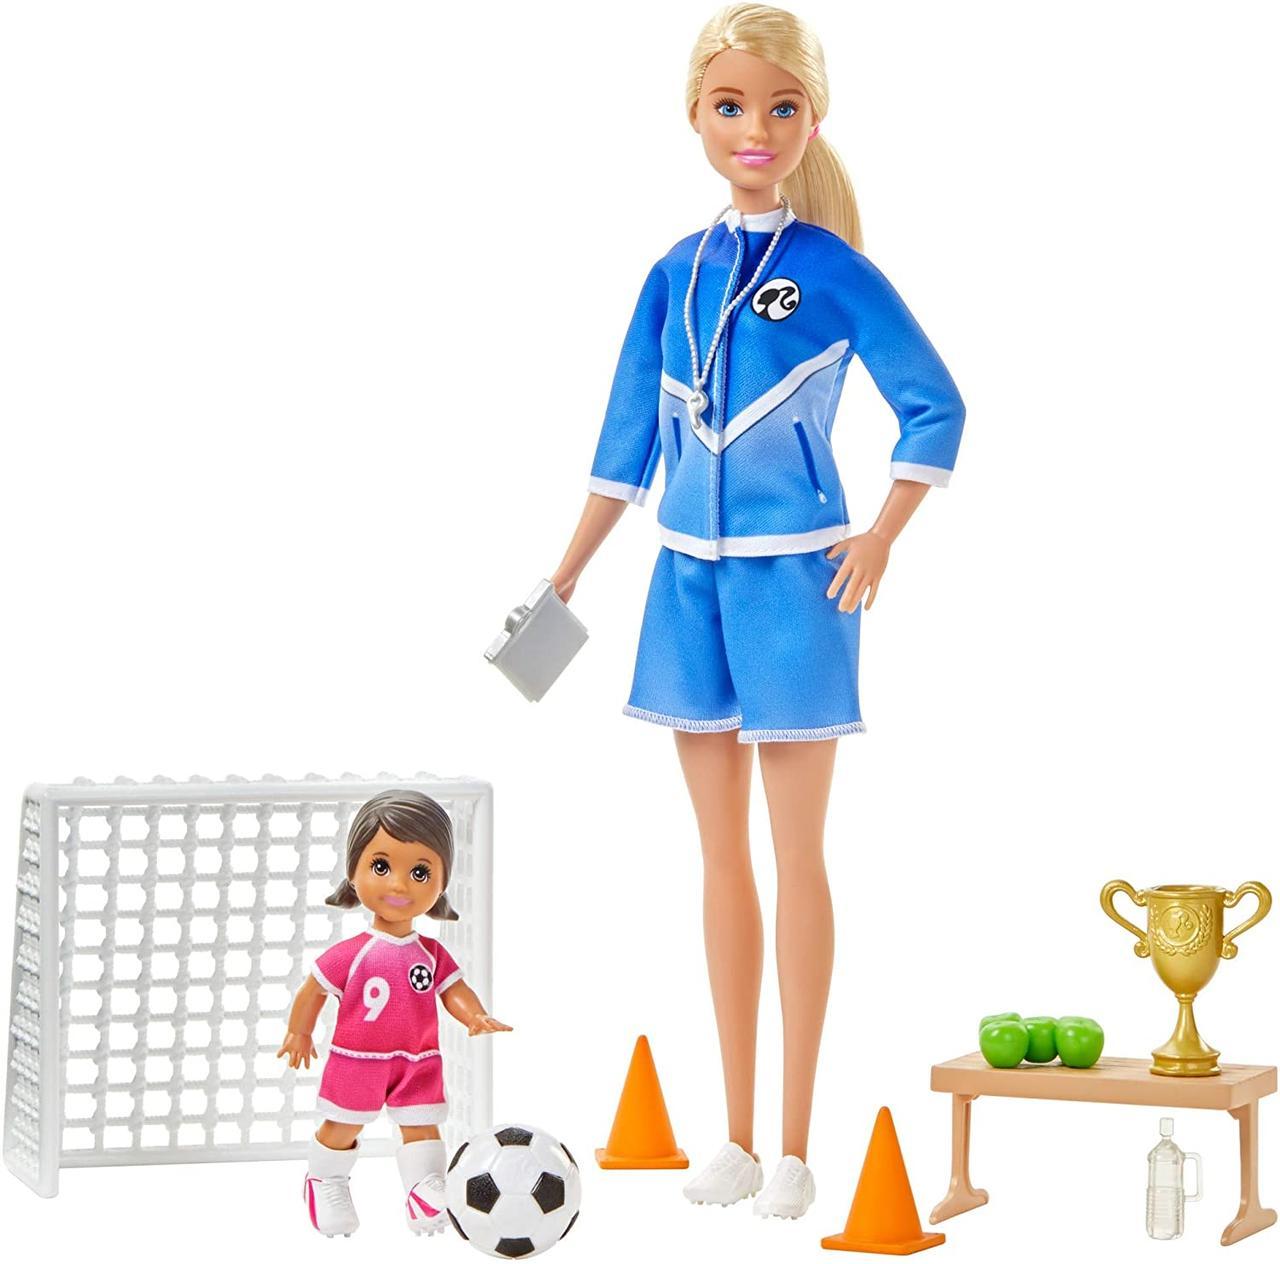 Игровой набор Барби тренер по футболу блондинка